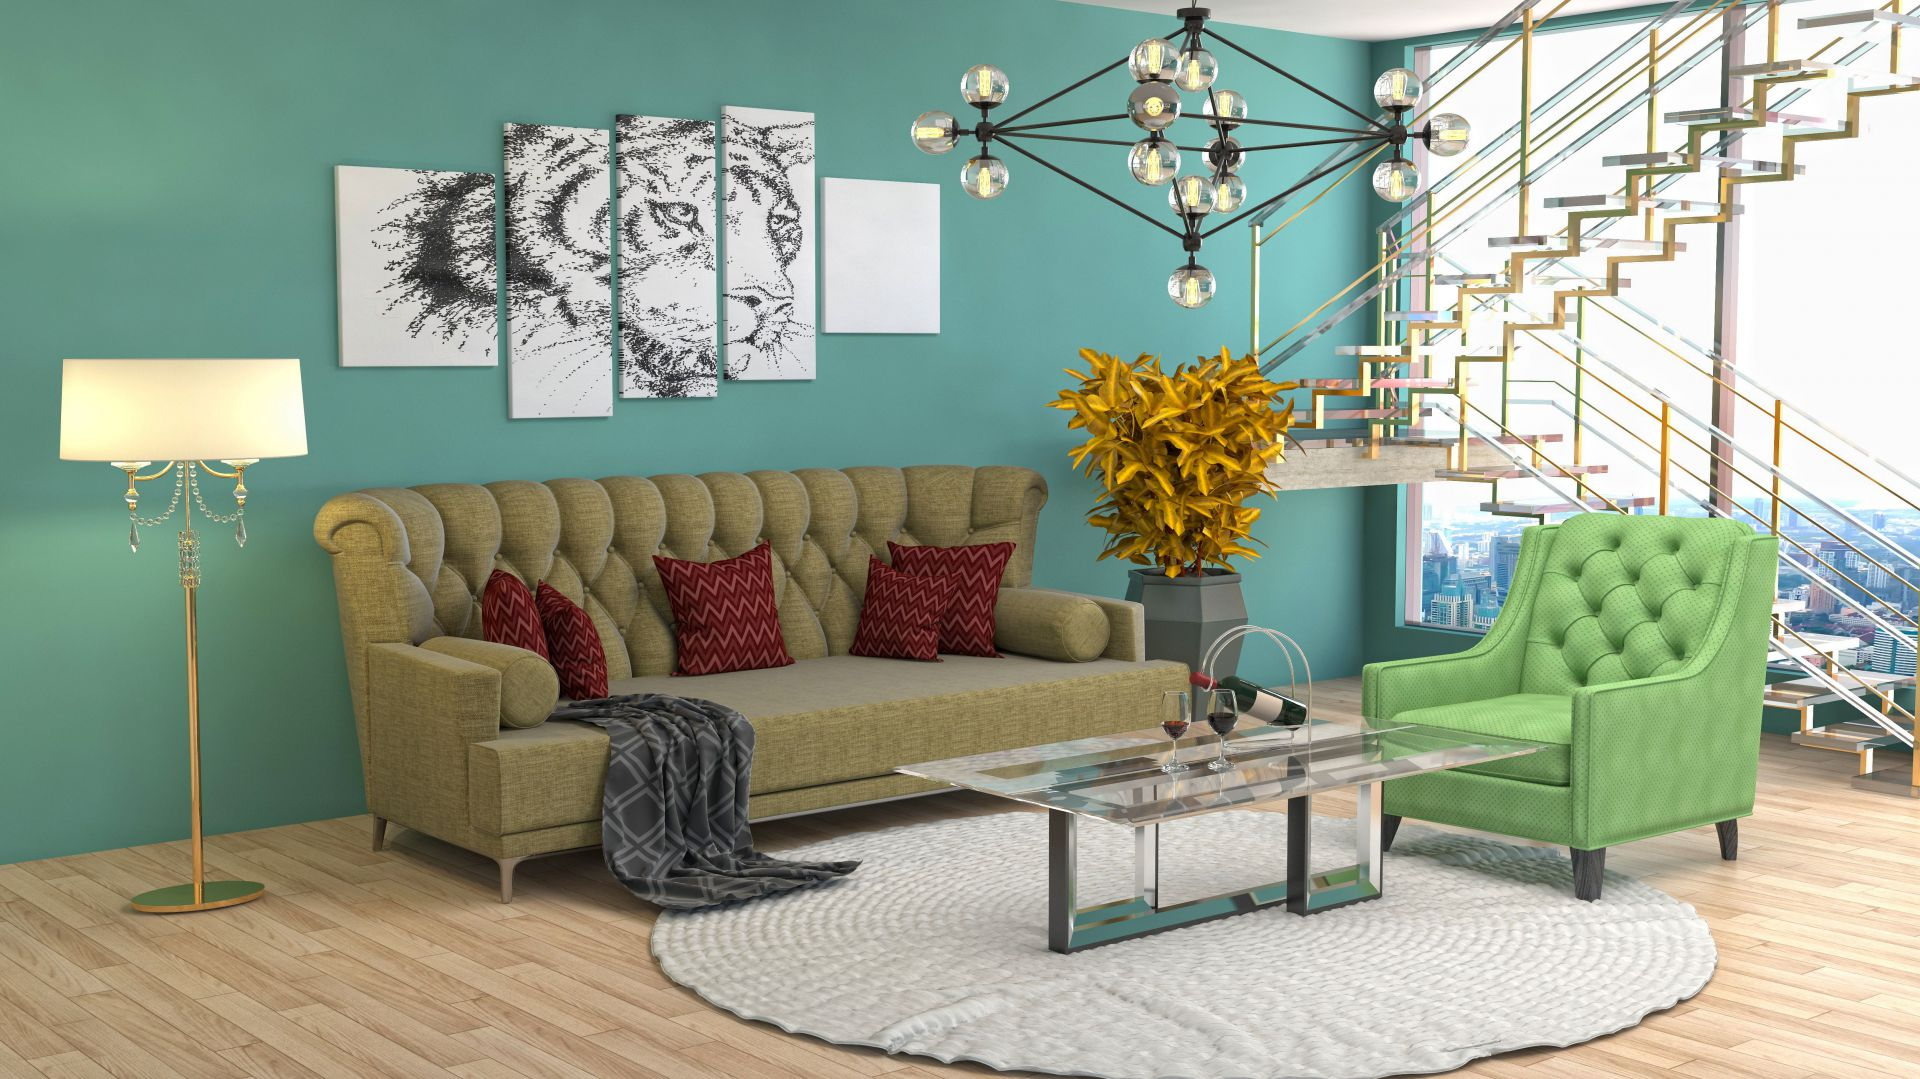 Dom w barwach jesieni. Nadchodzące trendy w dekoracji wnętrz. Fot. Franc Gardiner